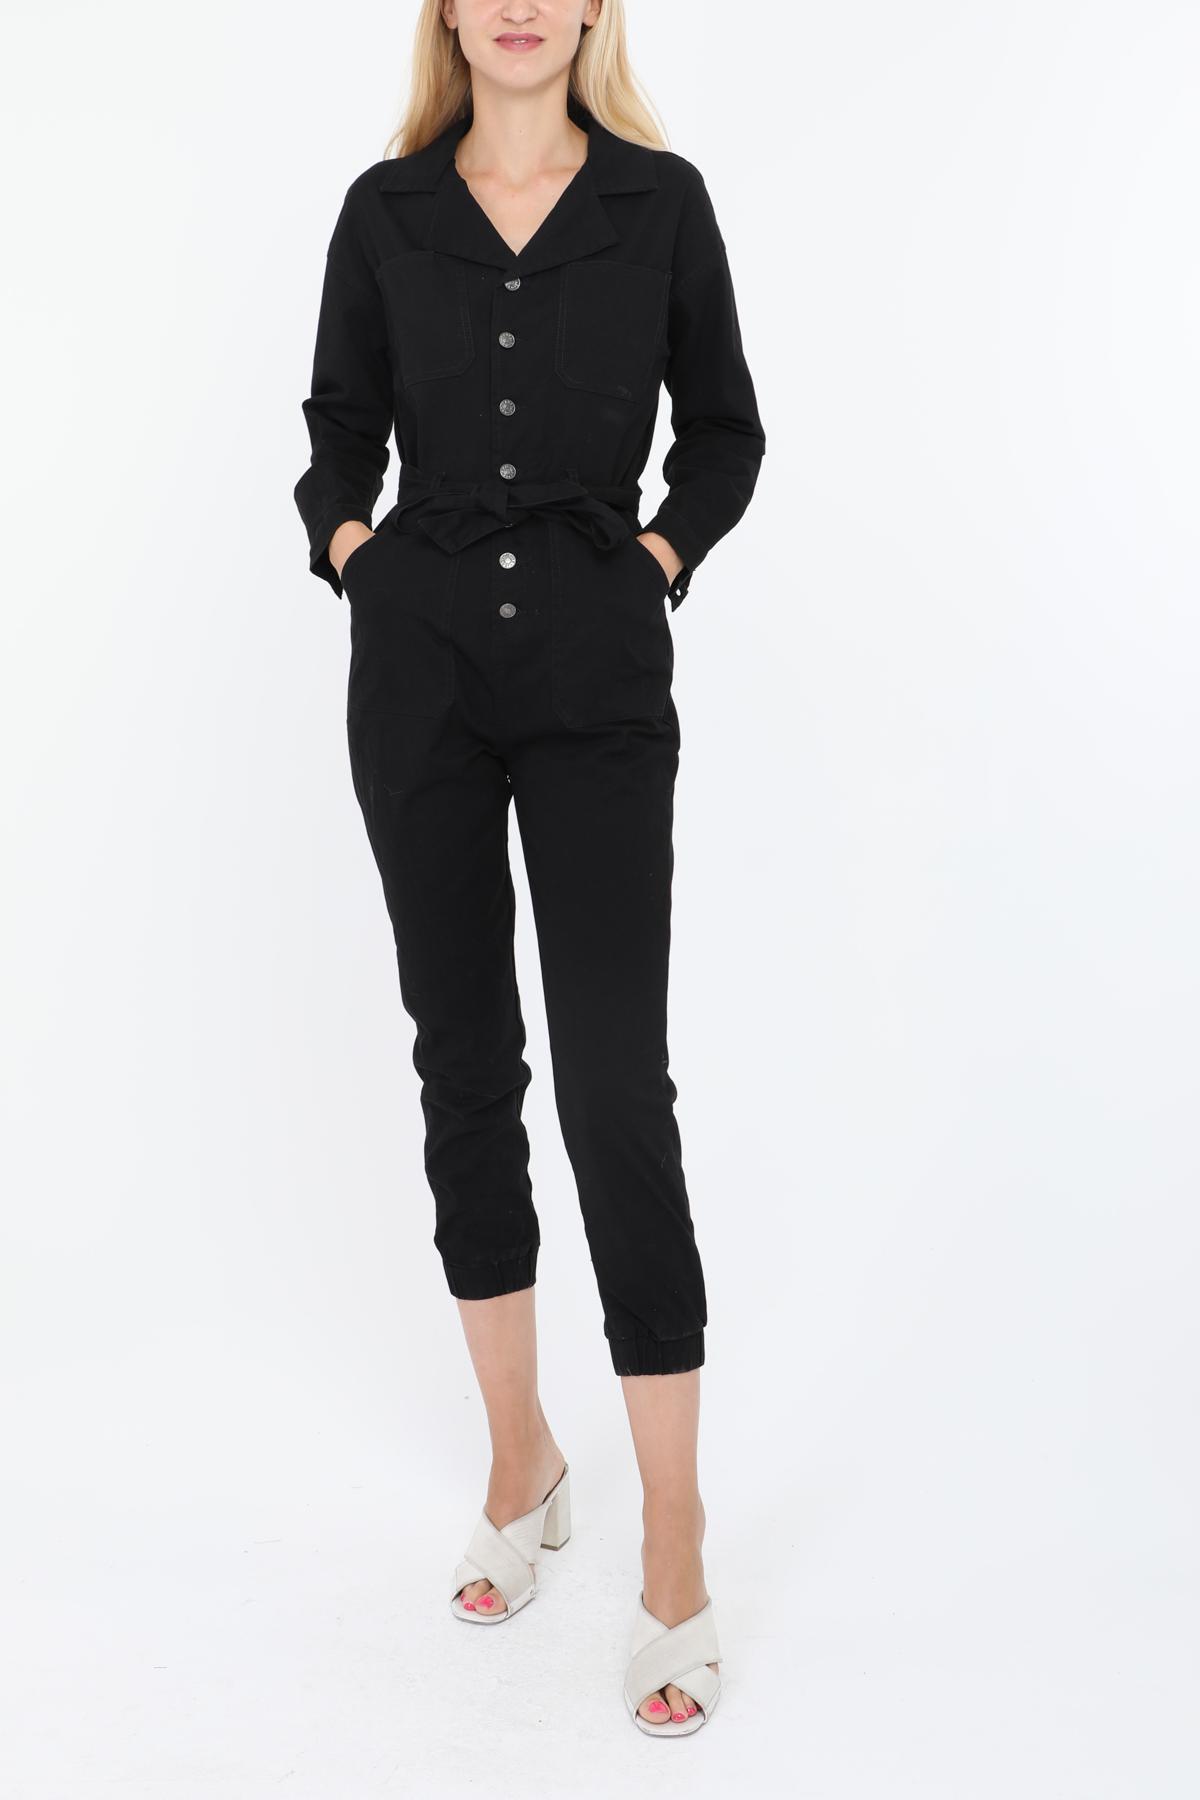 Combinaisons Femme Noir SOFTY BY EVER BOOM  K9265 #c eFashion Paris